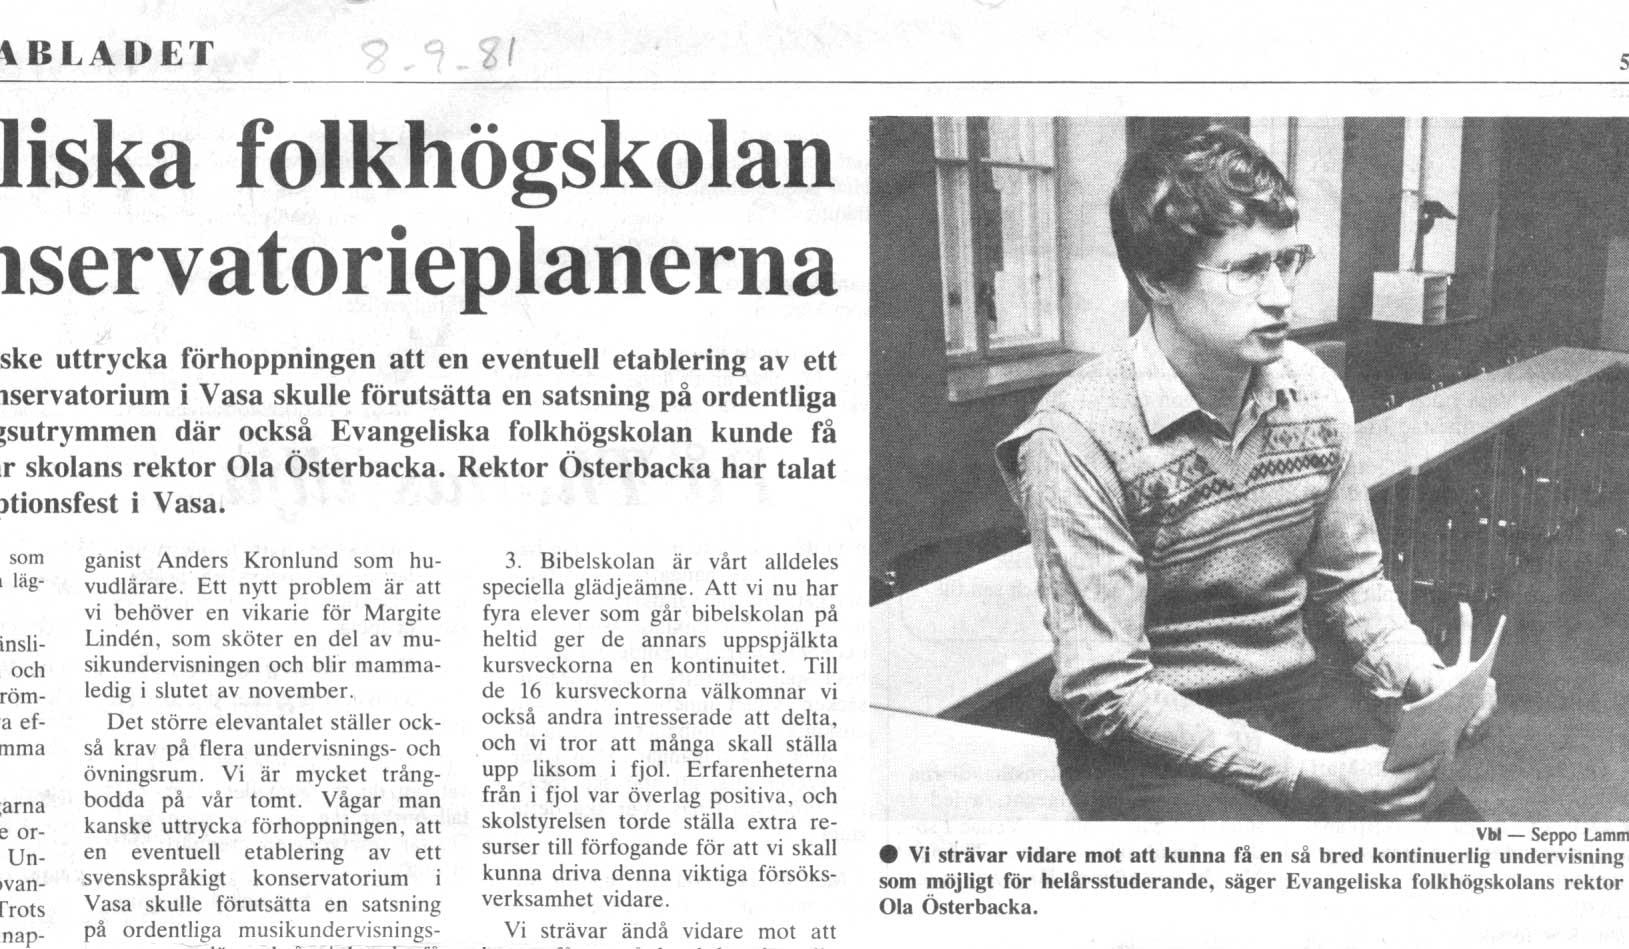 Artikel i Vbl 8.9.1981.